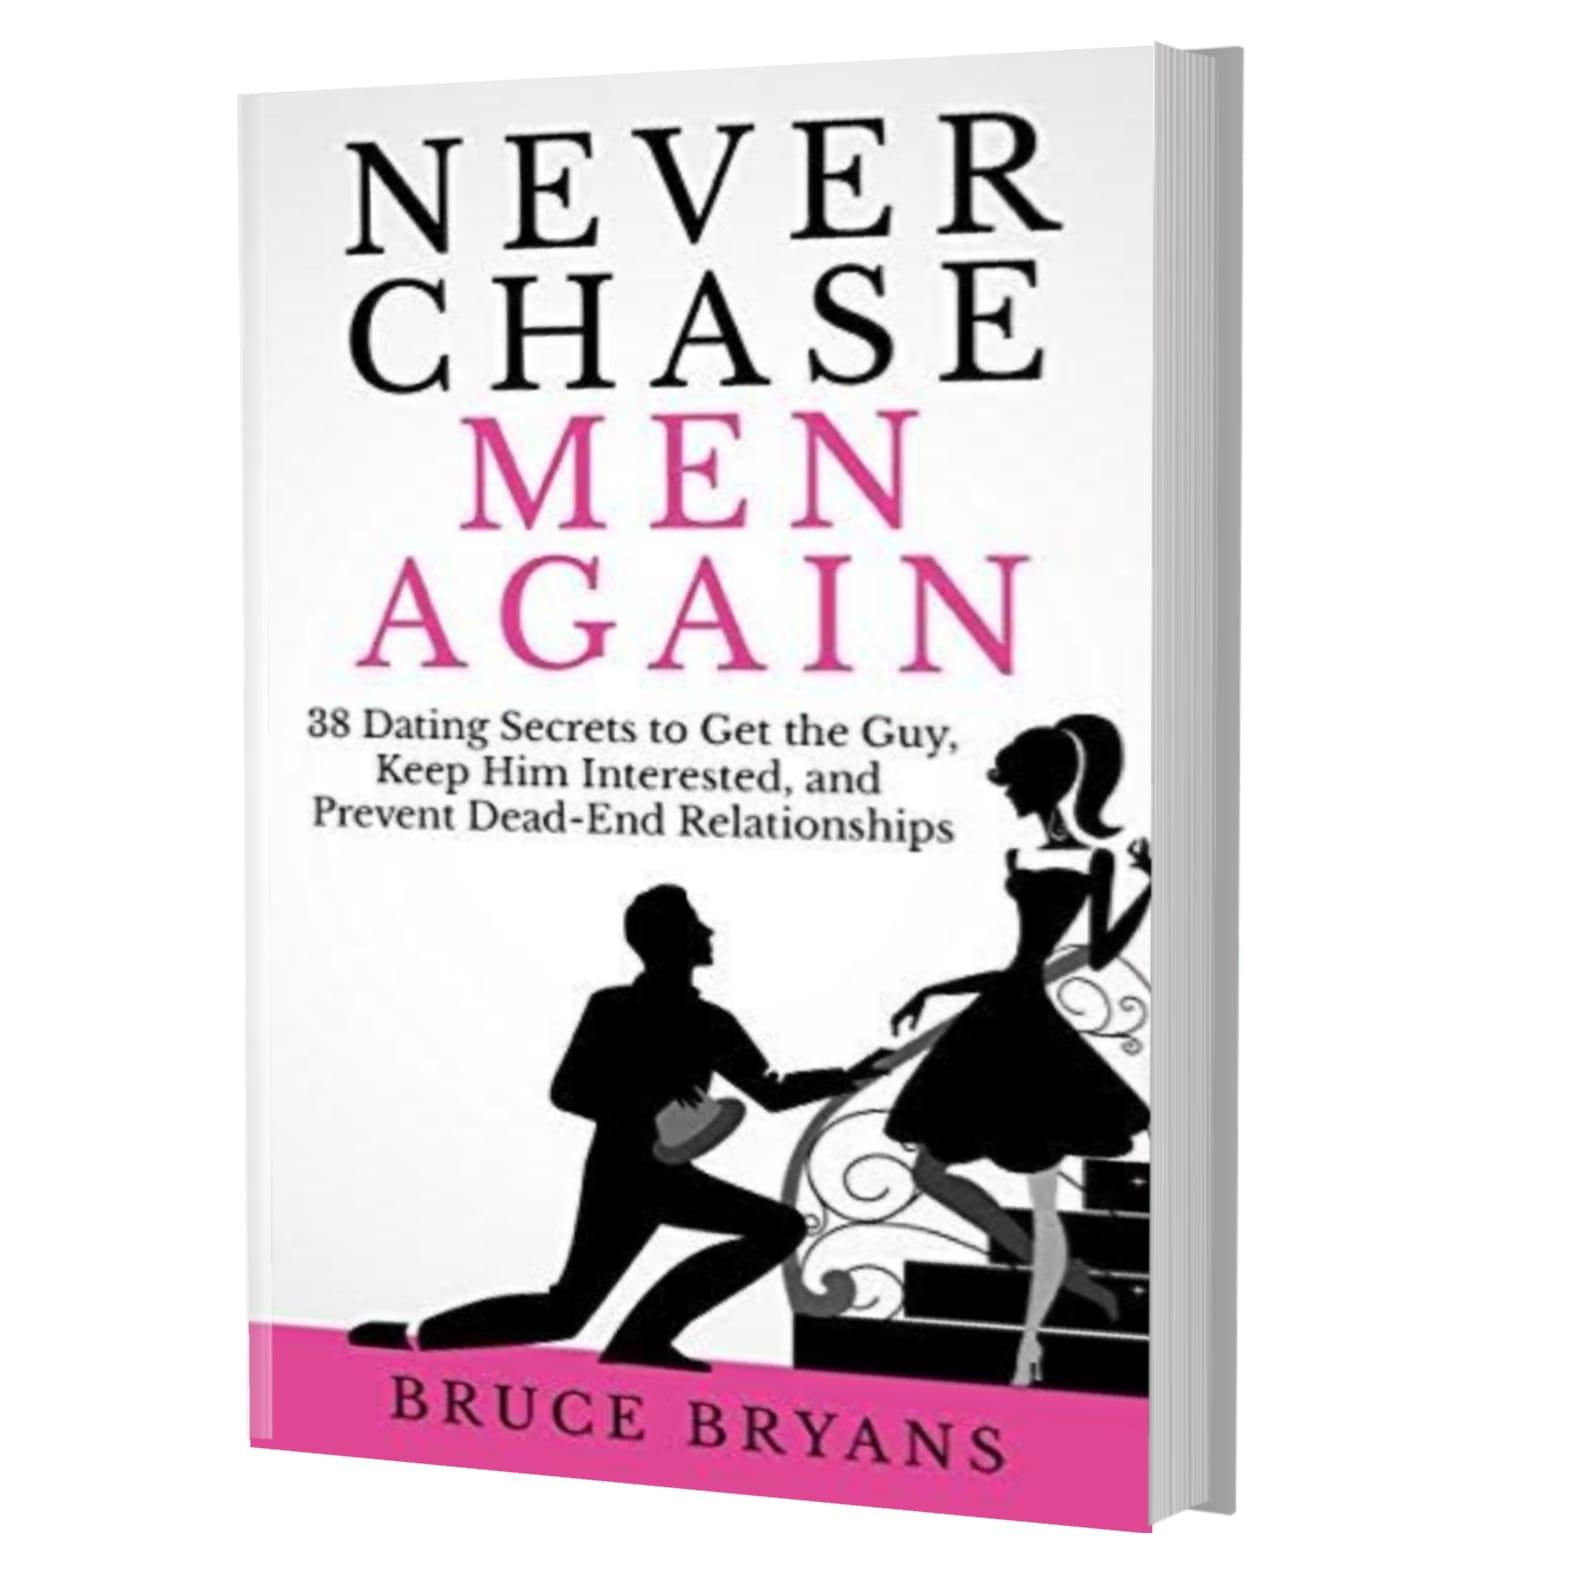 Never chase men again- Bruce Bryans